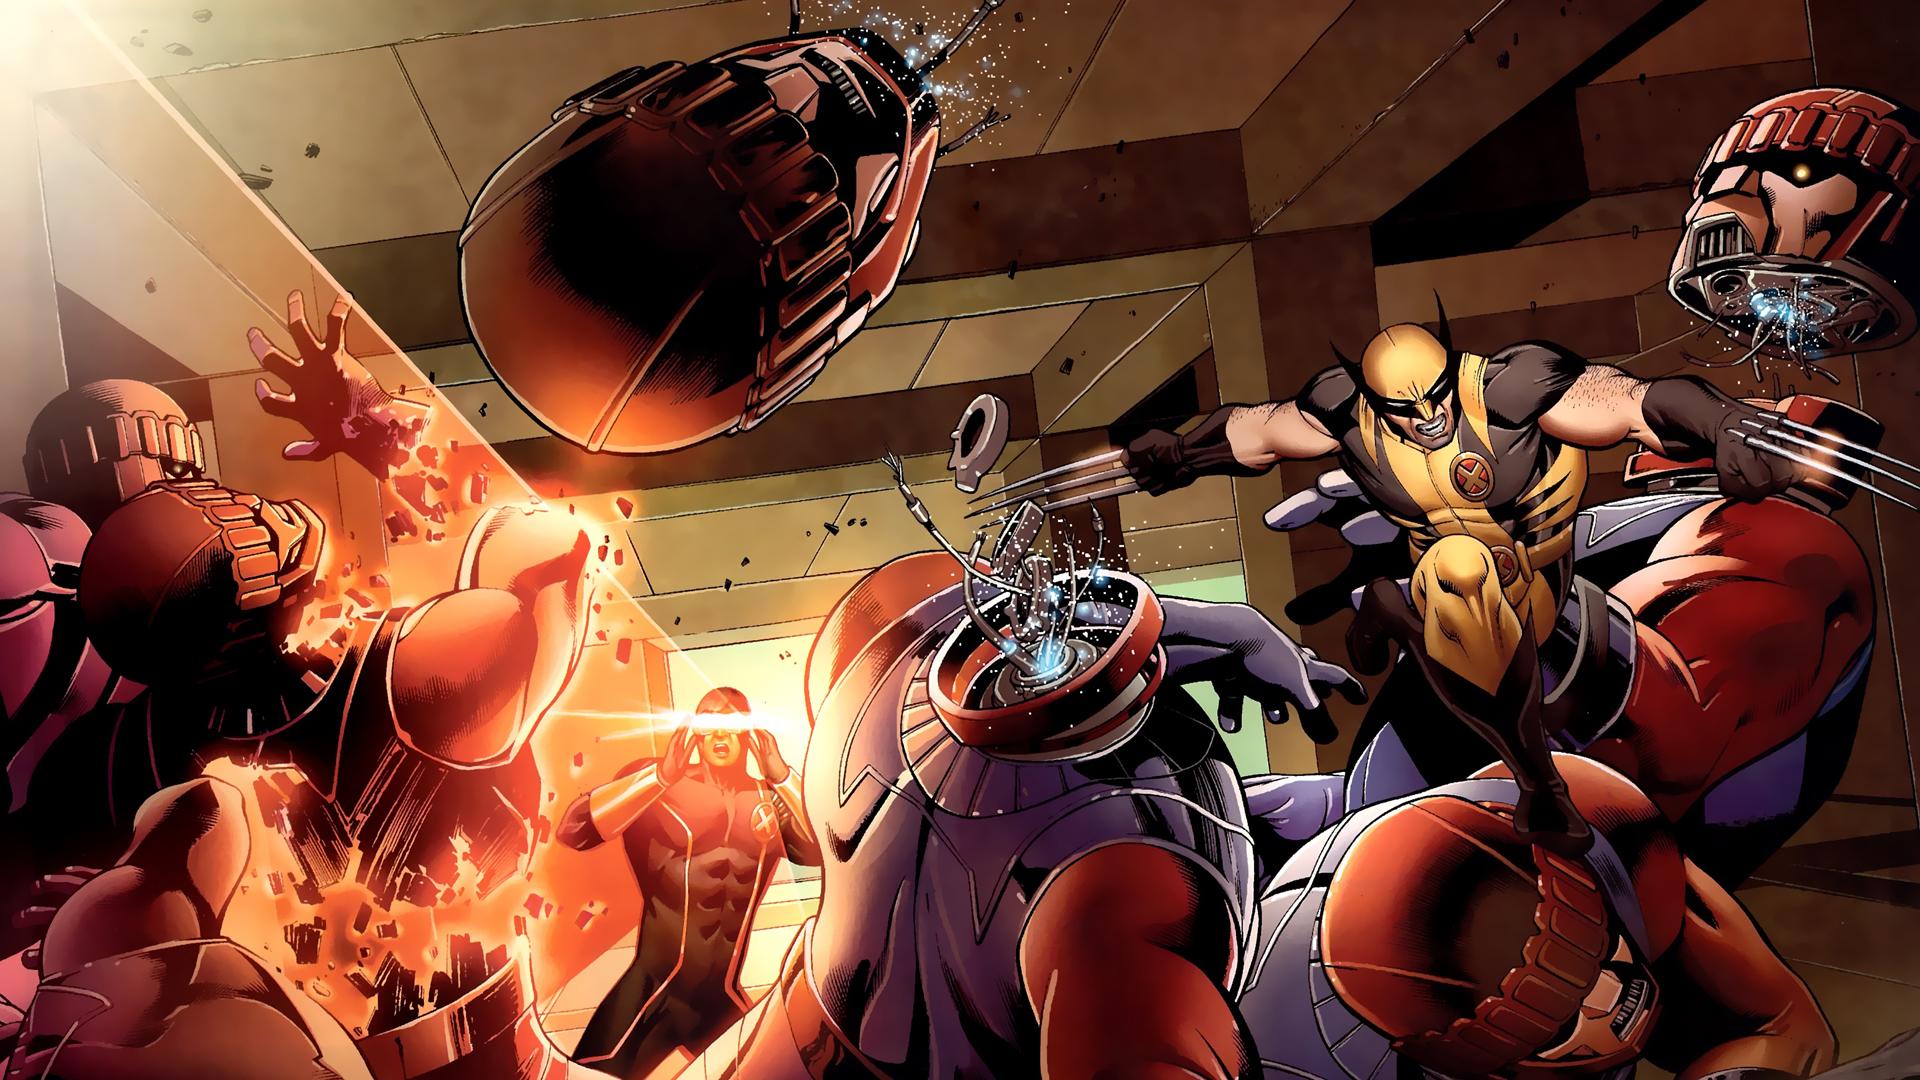 Free Download Men Wolverine Wallpaper 1920x1080 Xmen Wolverine